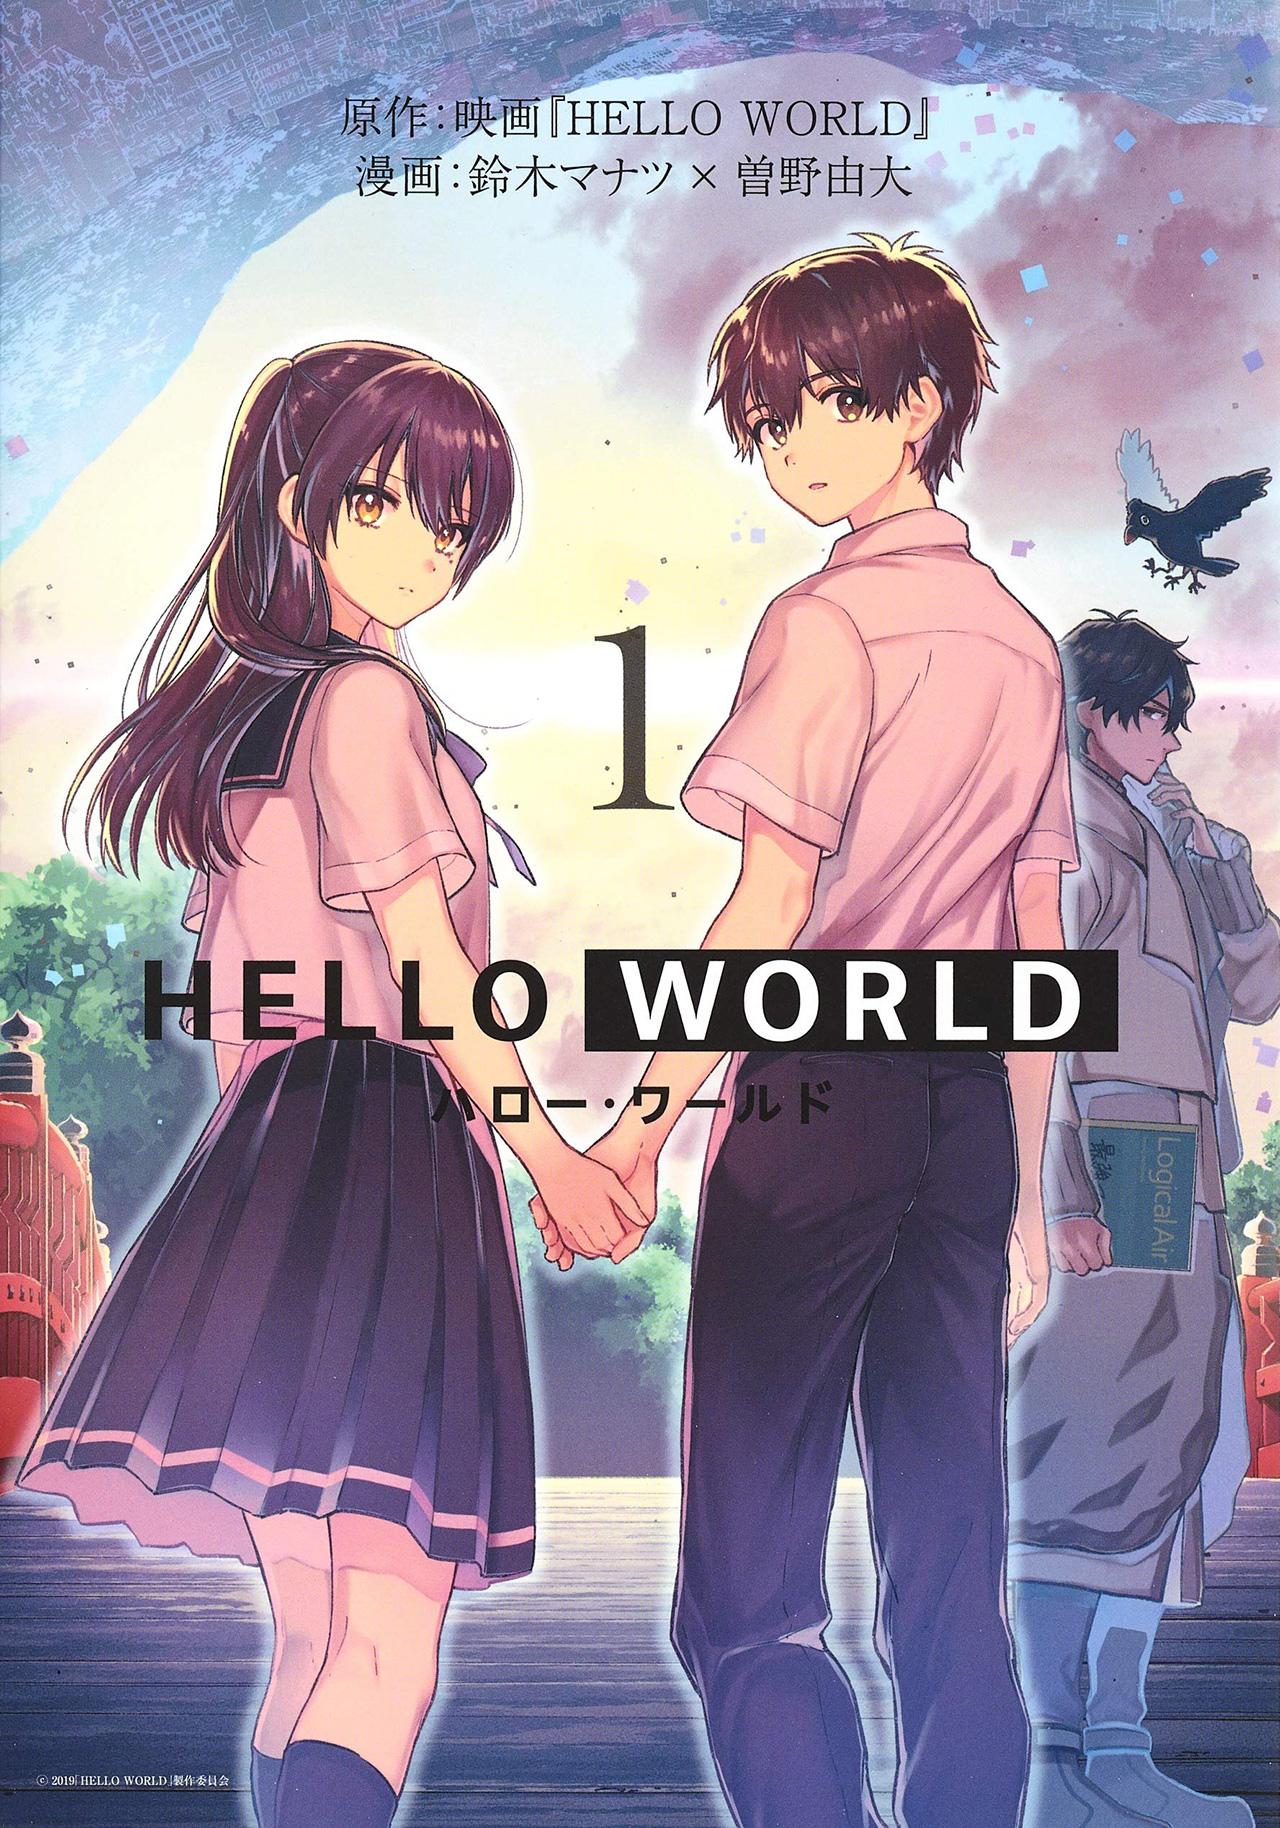 Capa do volume 1 do mangá Hello World